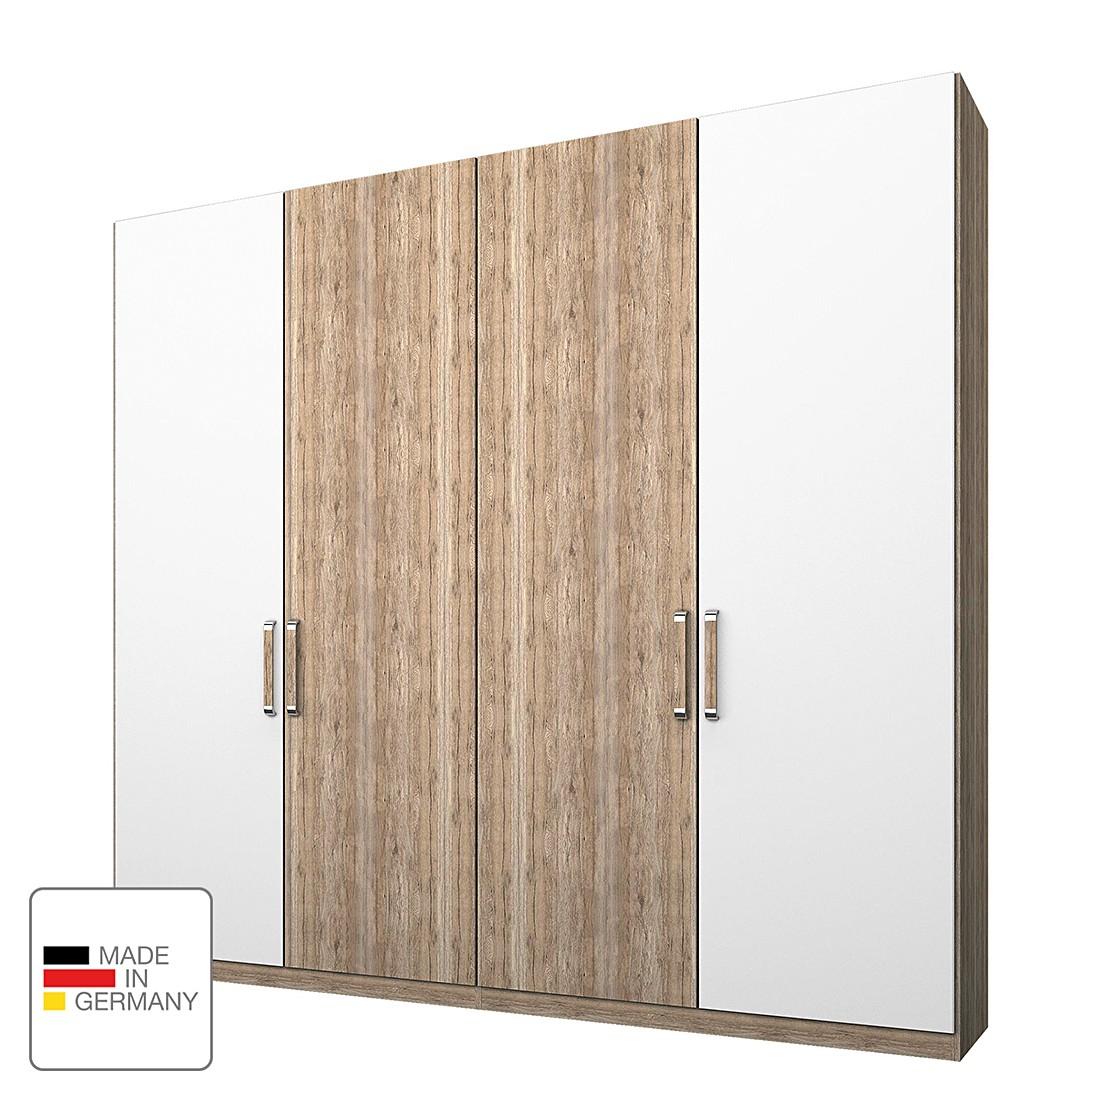 kleiderschrank lea eiche sanremo hell dekor alpinwei 200 cm 4 t rig 2 t ren mit. Black Bedroom Furniture Sets. Home Design Ideas